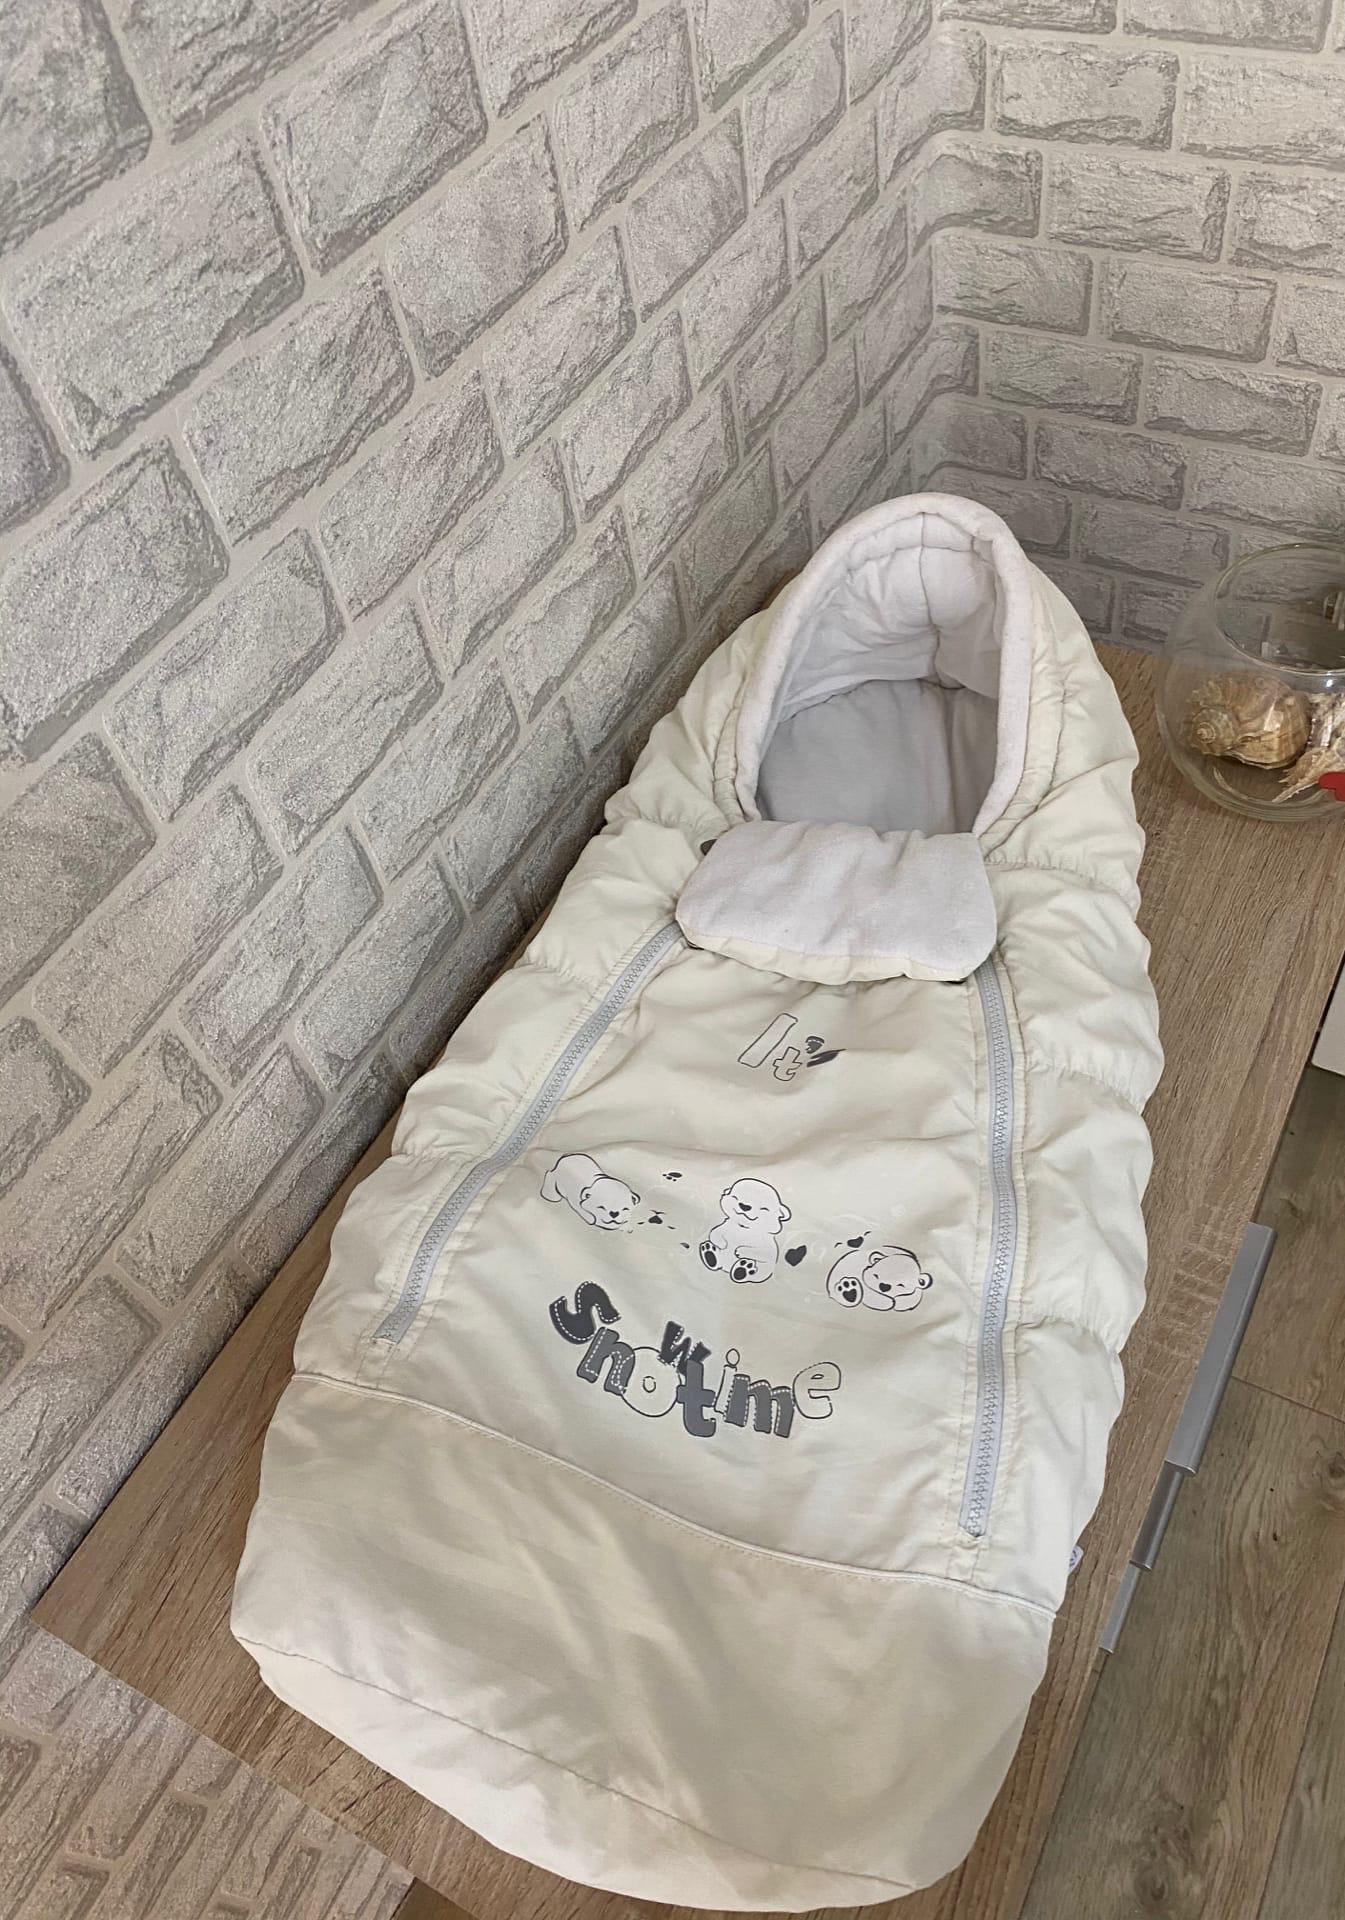 Продам очень хороший, тёплый конверт на выписку, для прогулок новорожденного малыша.